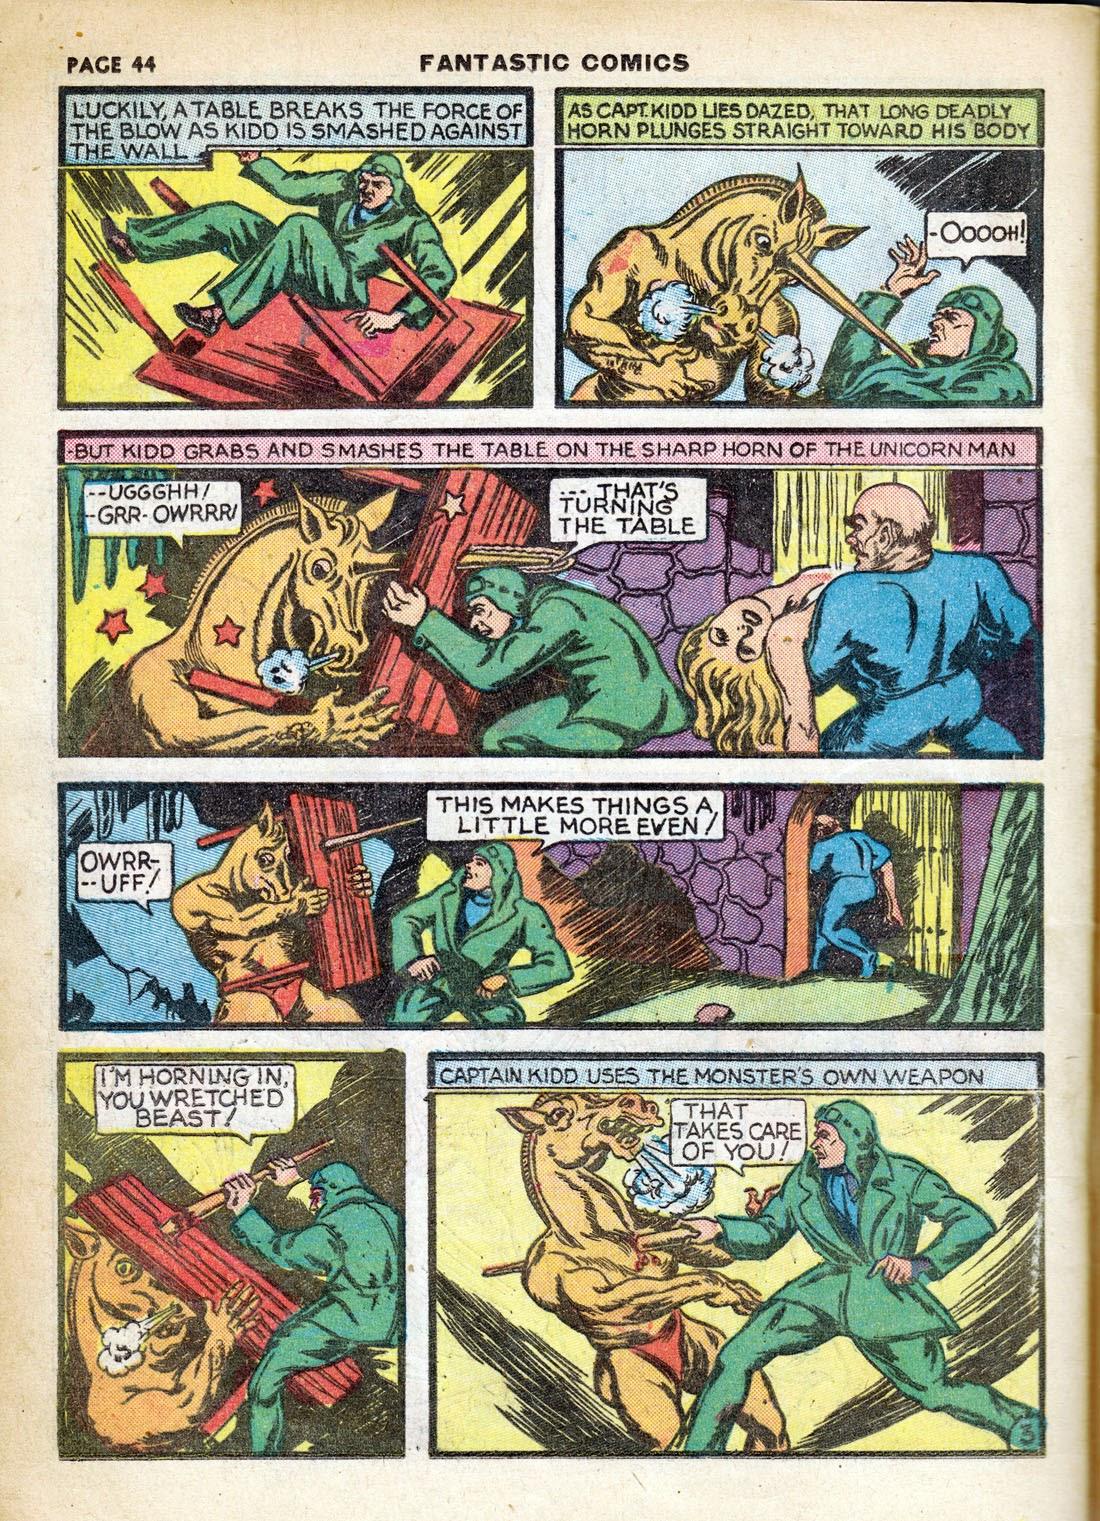 Read online Fantastic Comics comic -  Issue #7 - 46